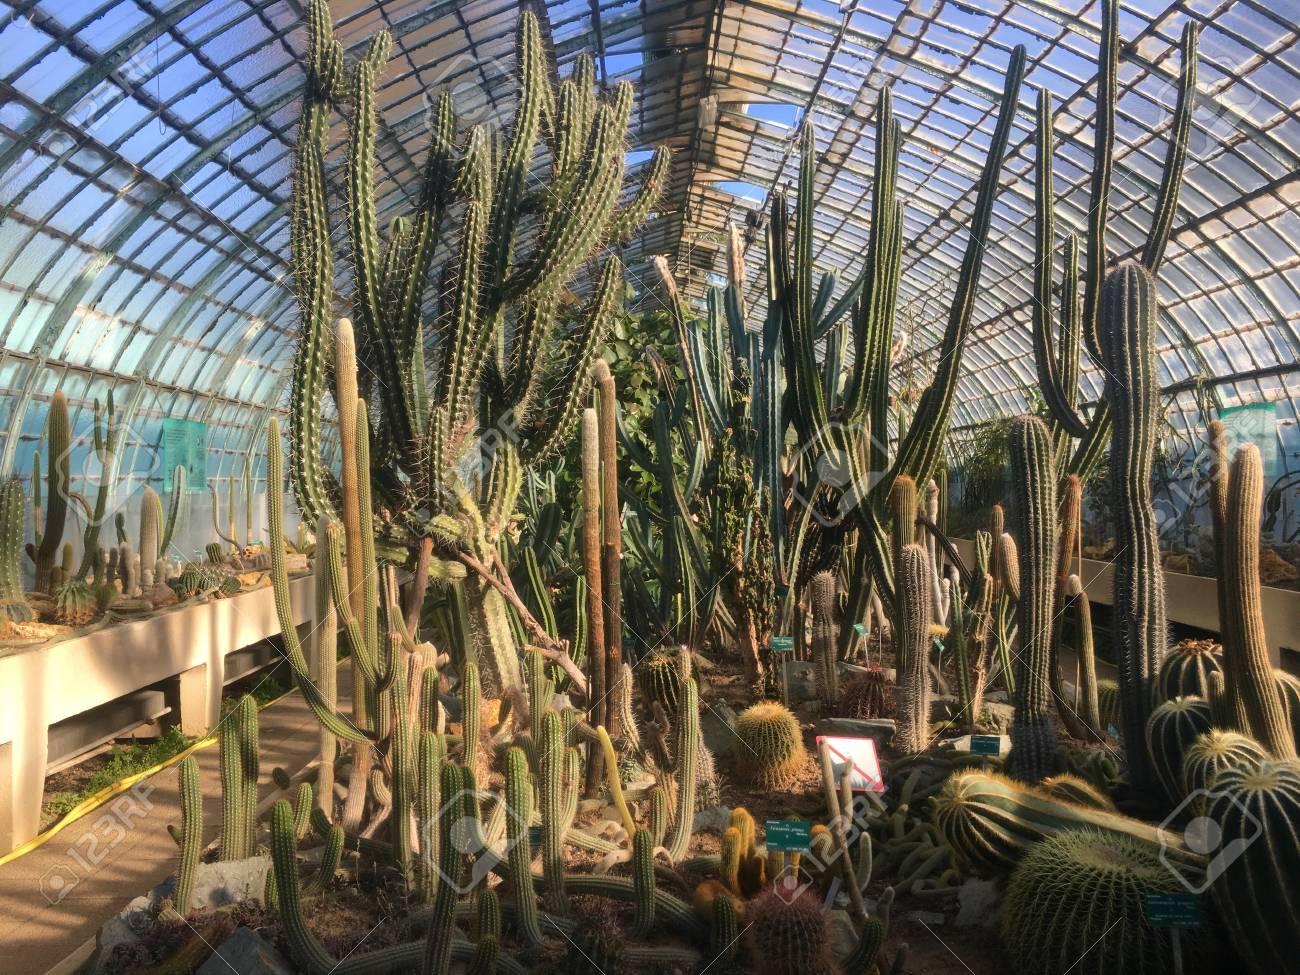 Inside Cactaceae Greenhouse Of Jardin Des Serres DAuteuil Botanical ...